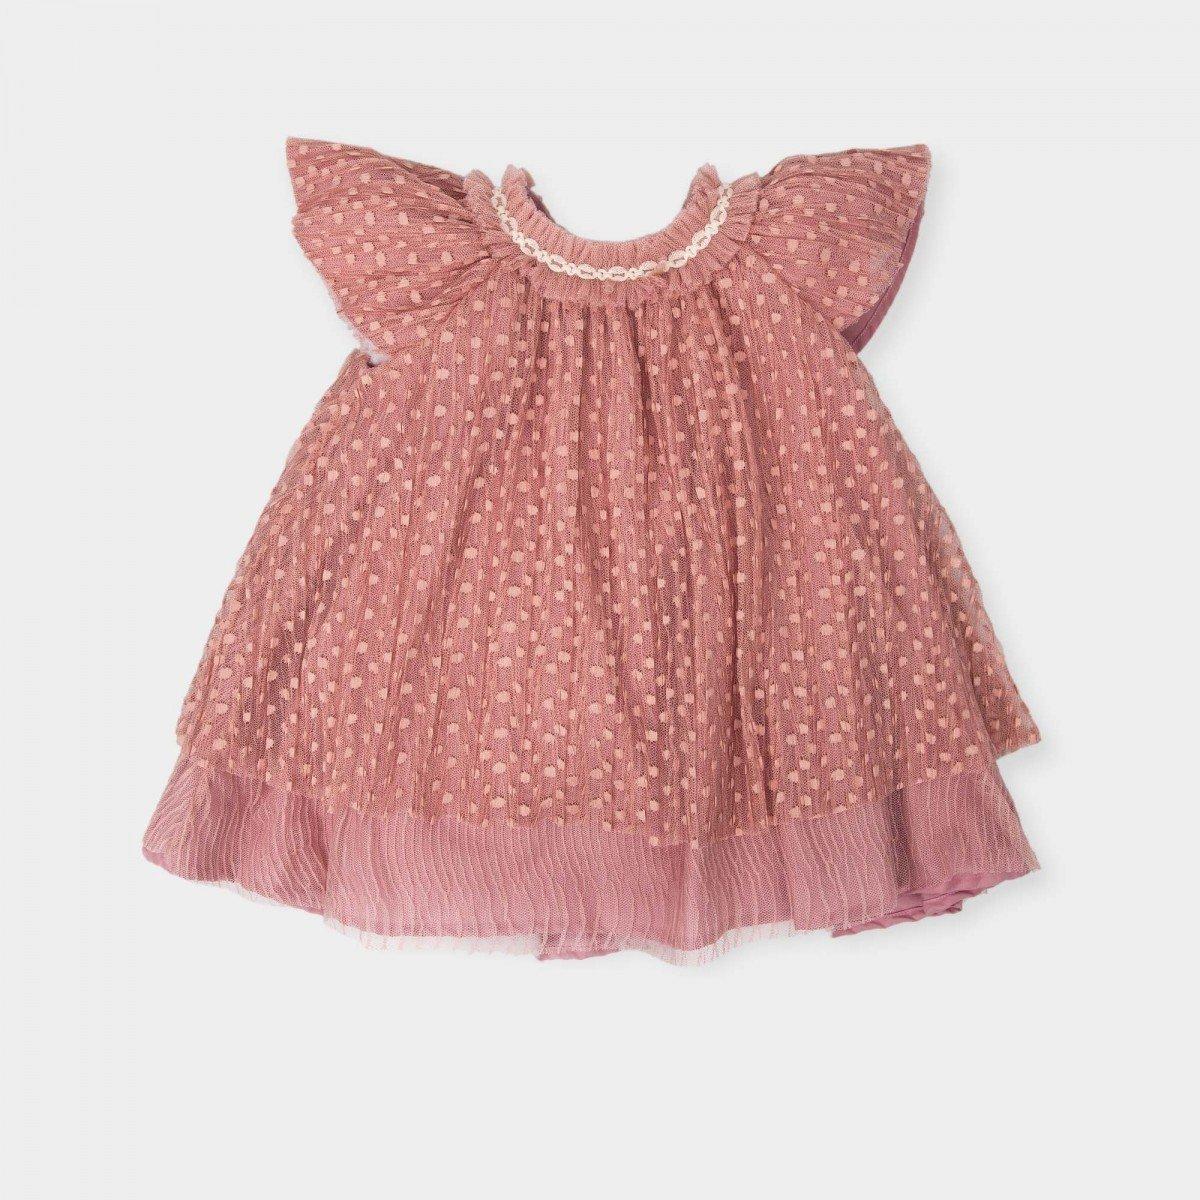 jurkje-oud-roze-dubbel-laags-voile-onderjurkje